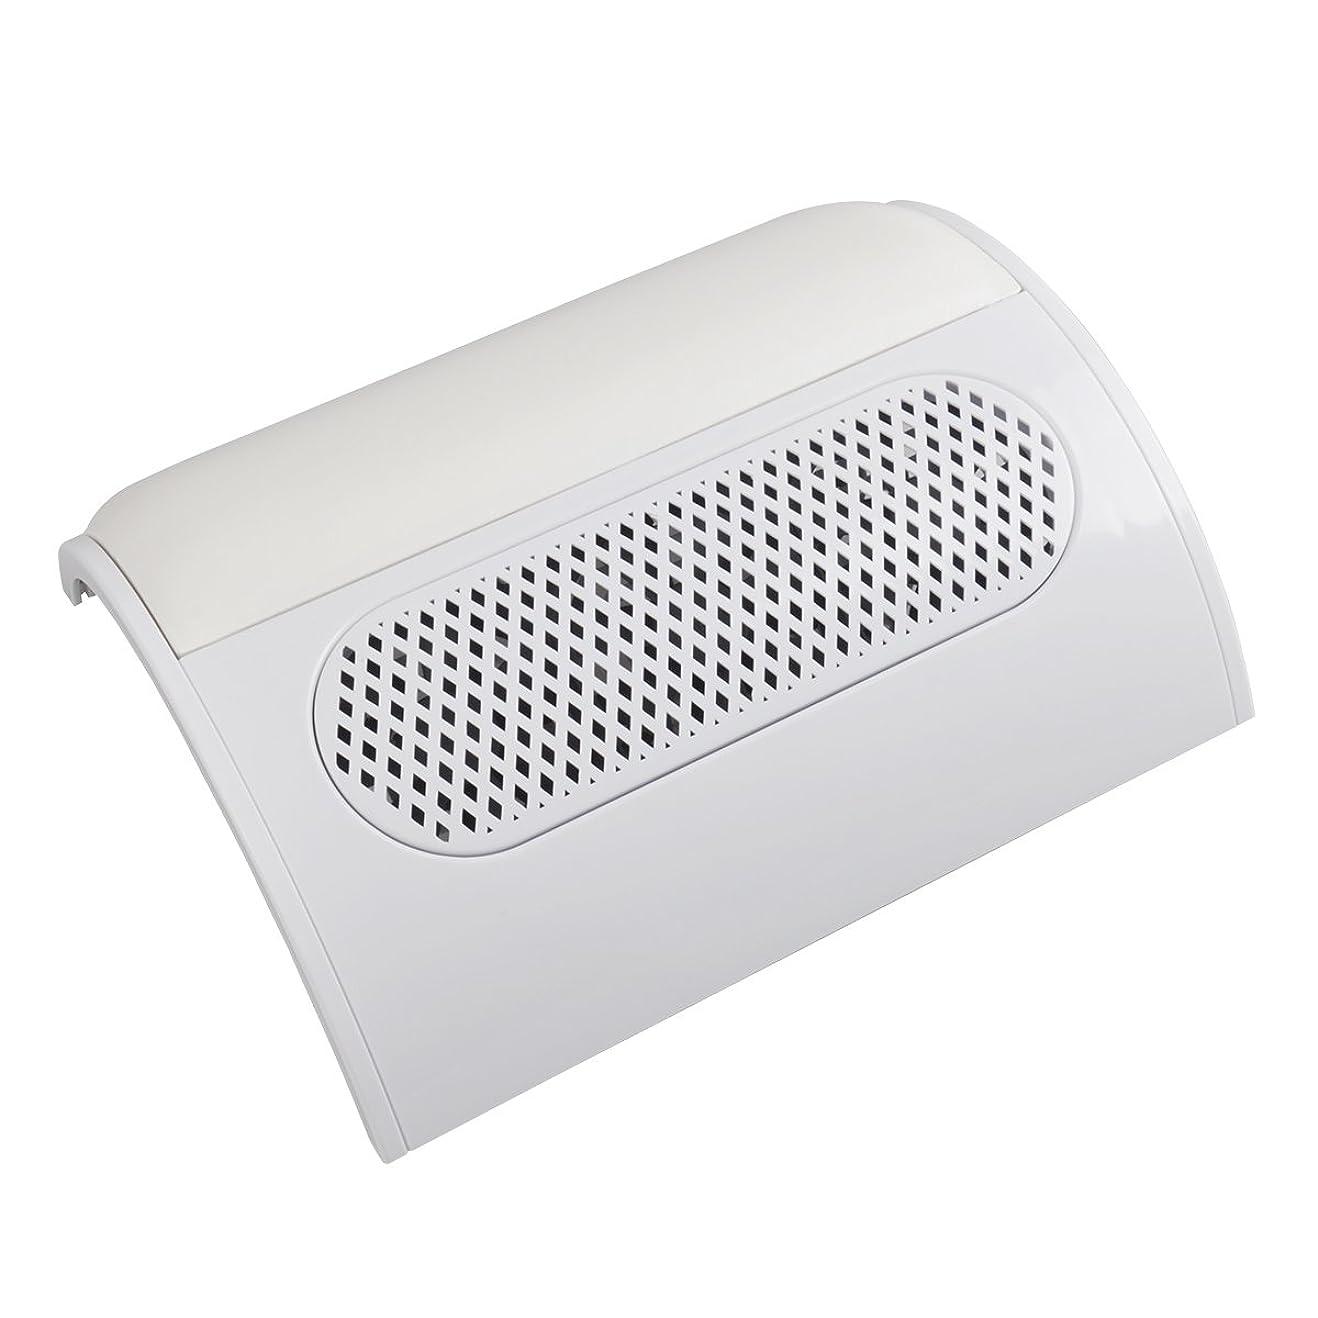 暖かさ情緒的科学者(ビュティー)Biutee メタリックホワイト ネイルダスト 3連ファン集塵機 集塵バック3枚付き ダストクリーナー ジェルネイル ネイル機器 (白)